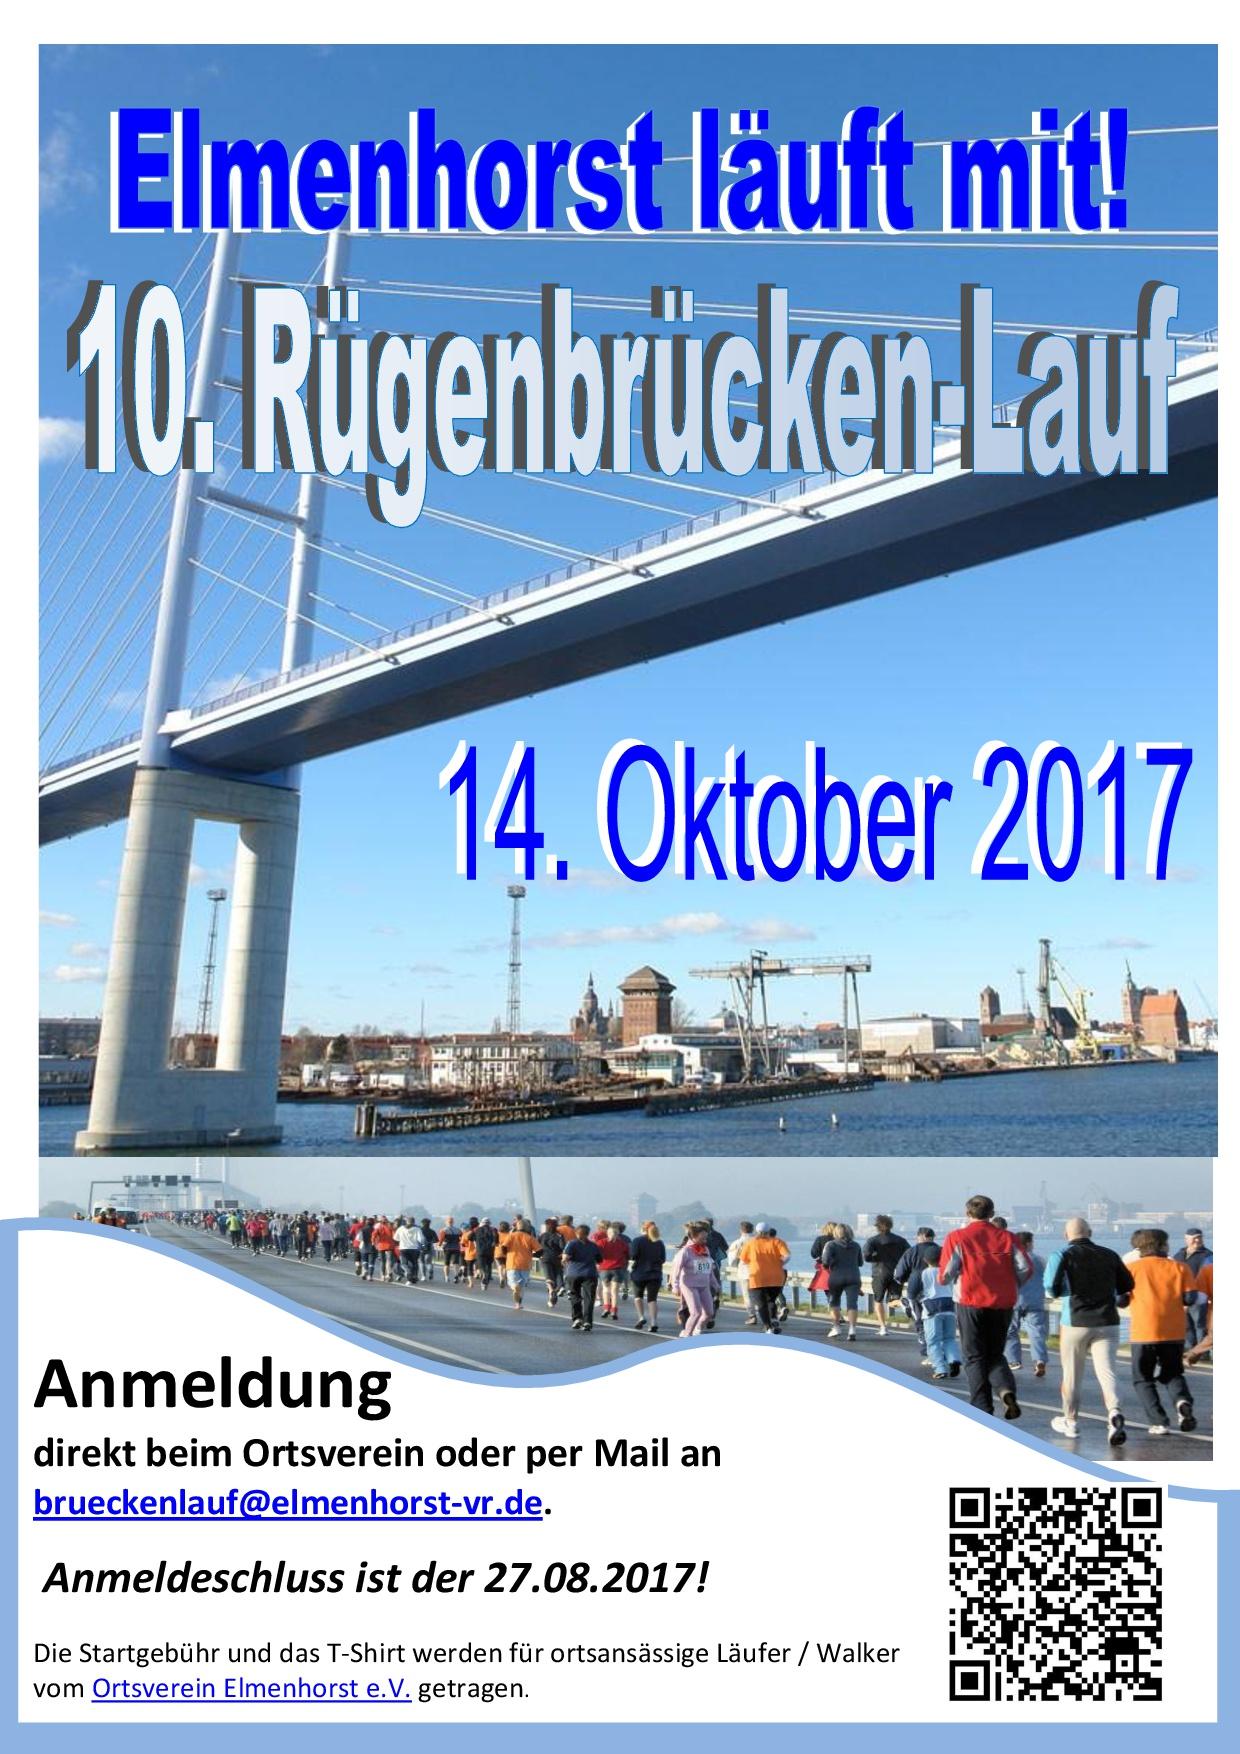 Veranstaltung - 2017_10 10. Rügenmarathon - Elmenhorst macht mit (Plakat)